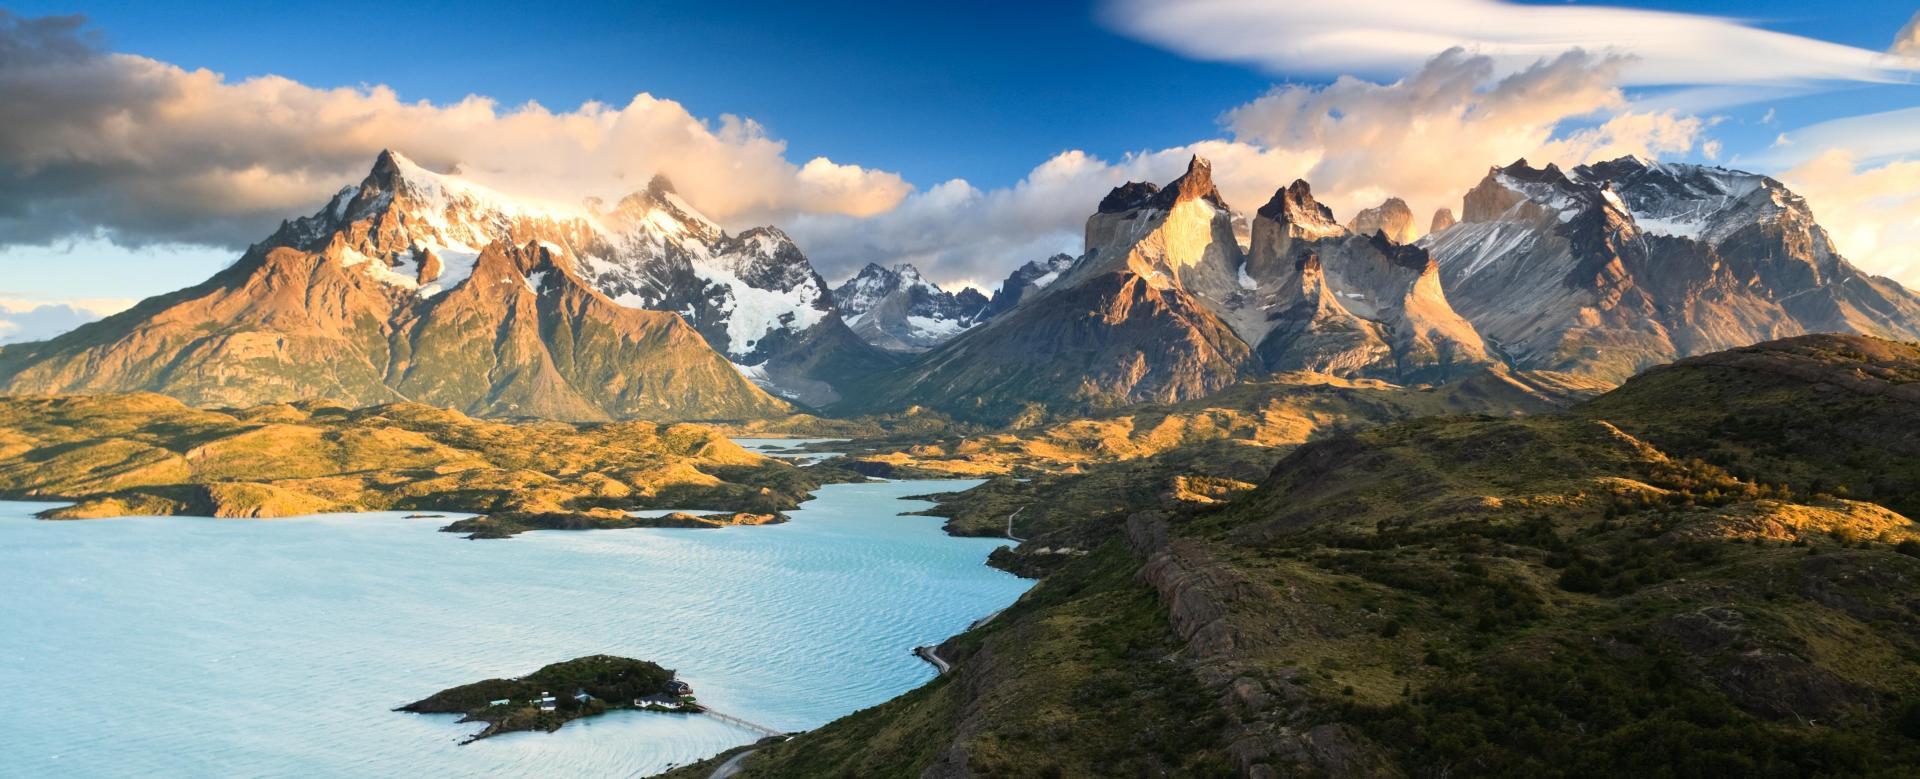 Voyage à pied : Ushuaia et les géants de patagonie